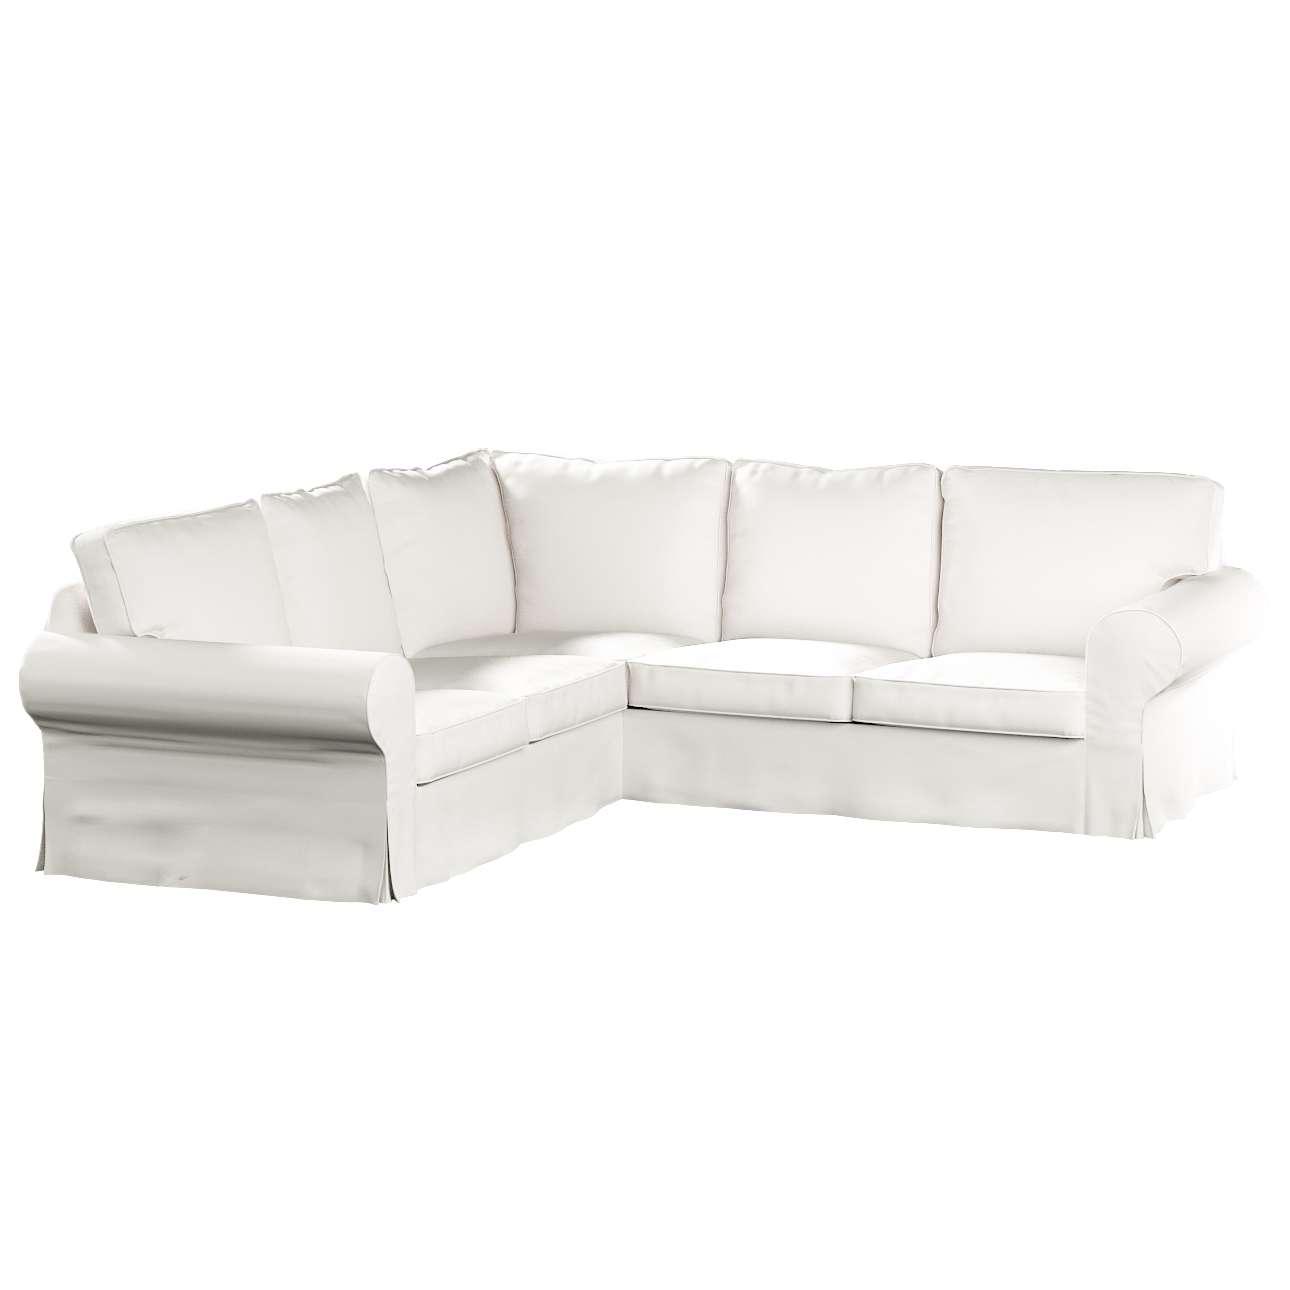 Pokrowiec na sofę Ektorp narożną Sofa Ektorp narożna w kolekcji Cotton Panama, tkanina: 702-34